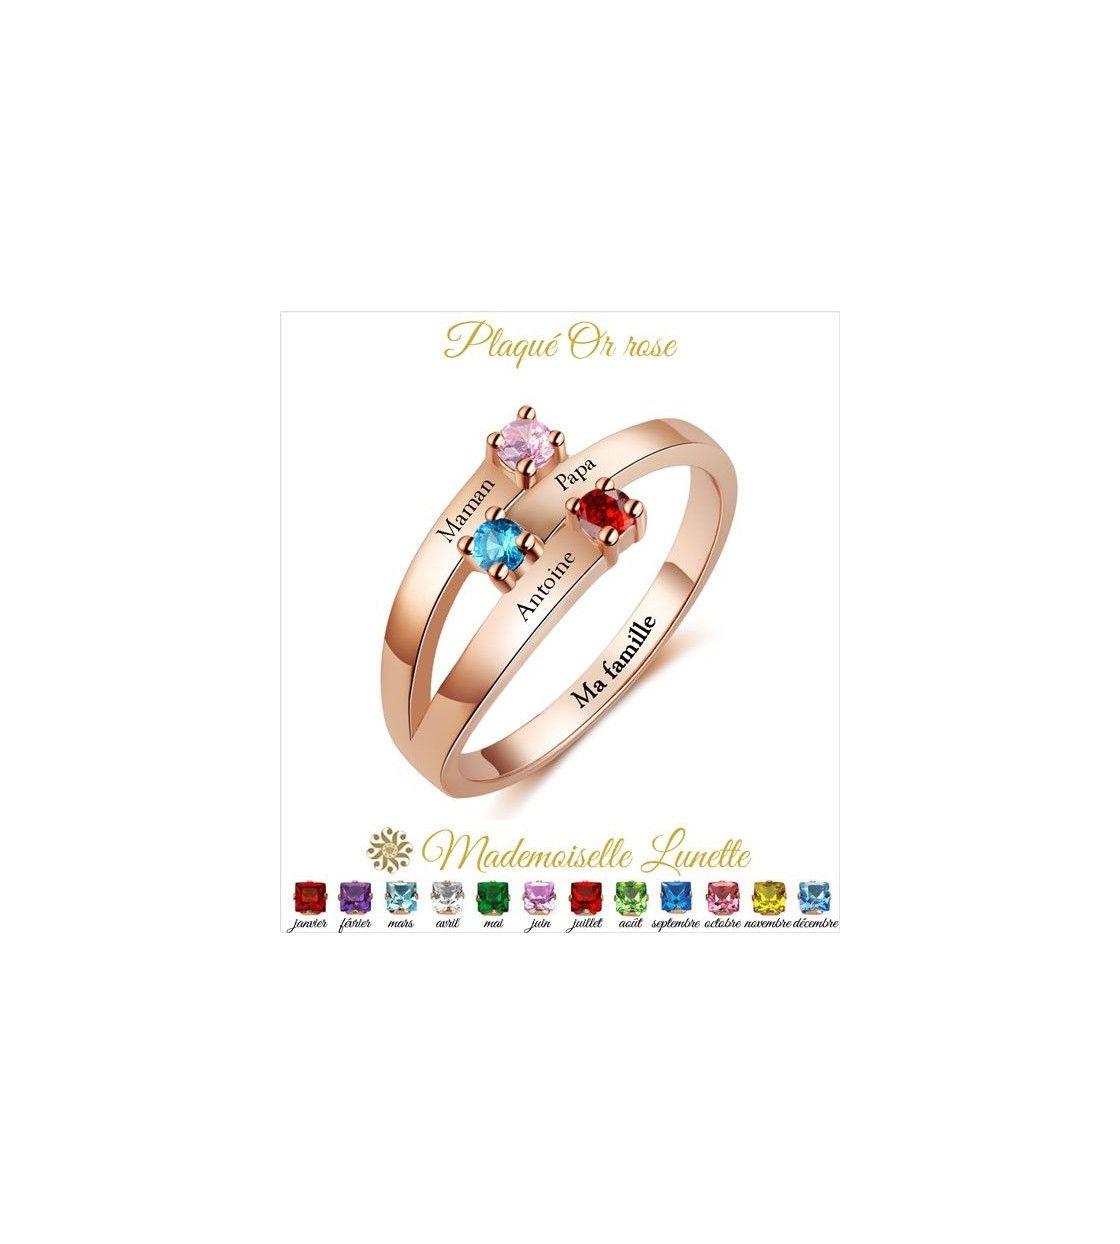 bague-maman-3-prenoms-3-pierres-de-naissance-bague-en-plaque-or-rose-plusieurs-tailles